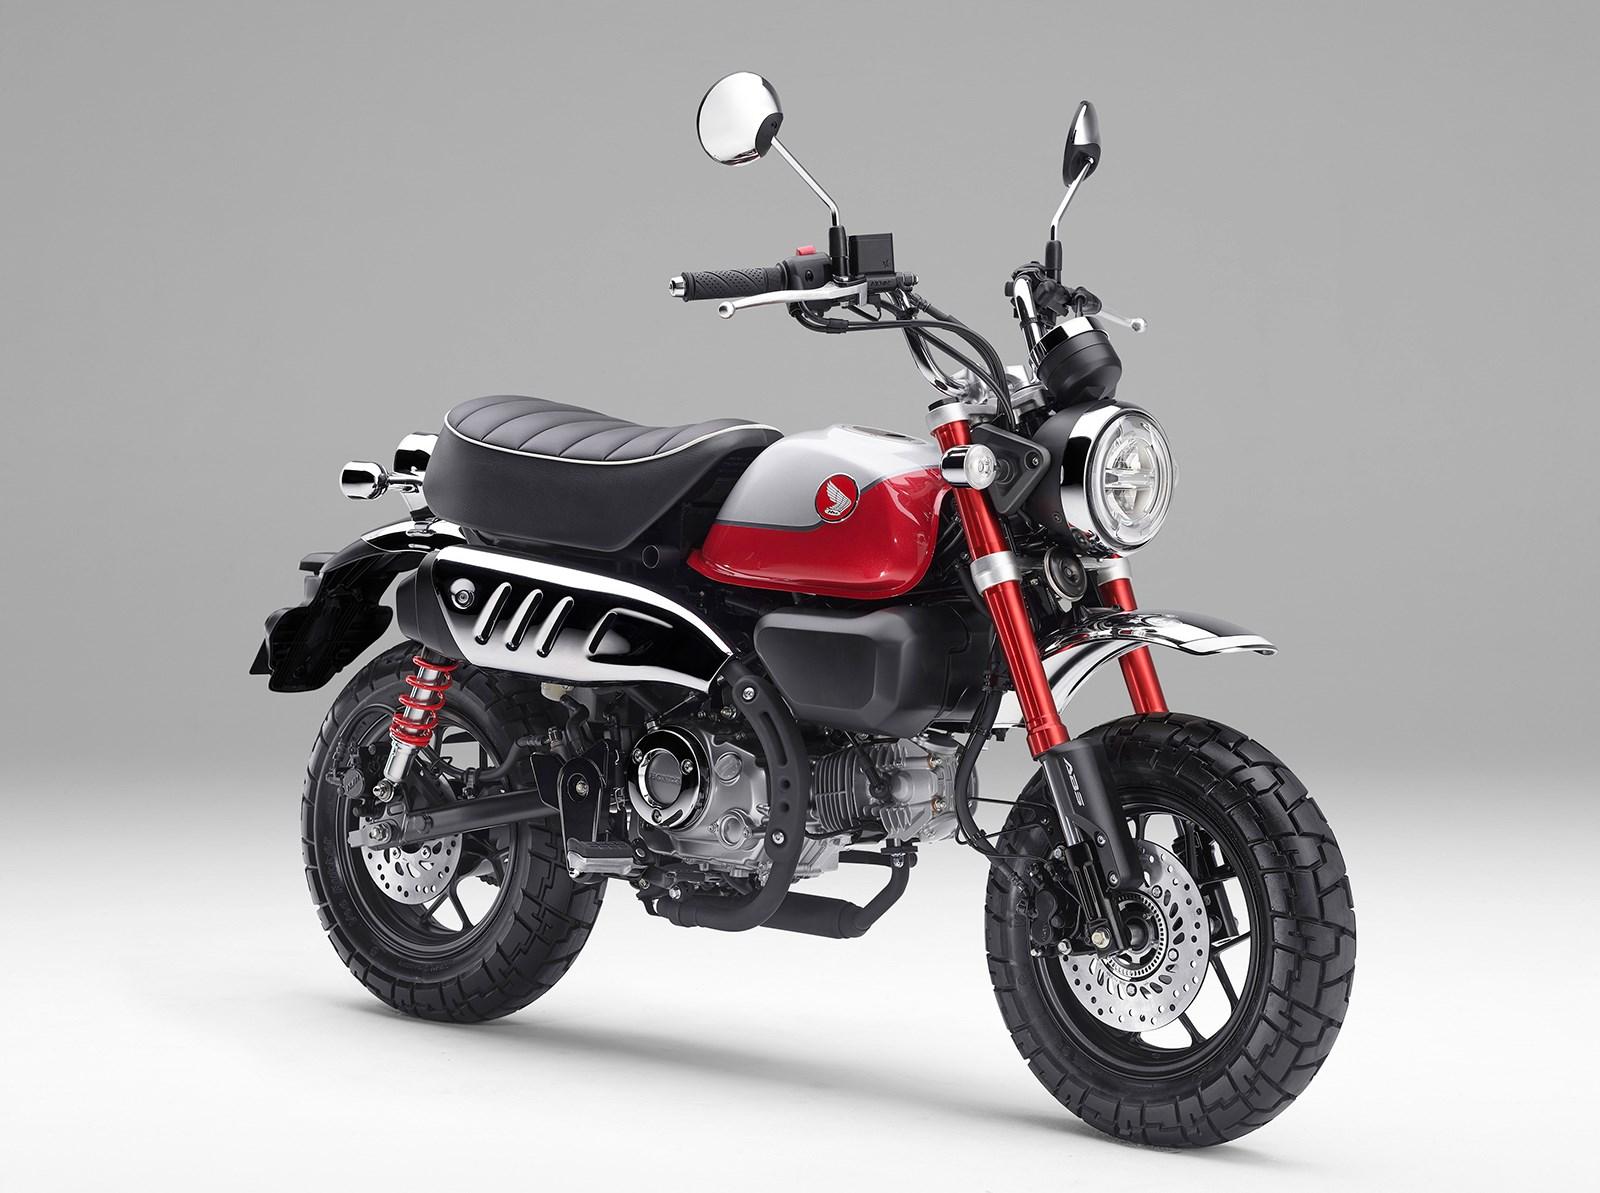 ホンダの人気小型バイク、モンキー125とスーパカブ125が大幅改良でエコな新エンジンを搭載した